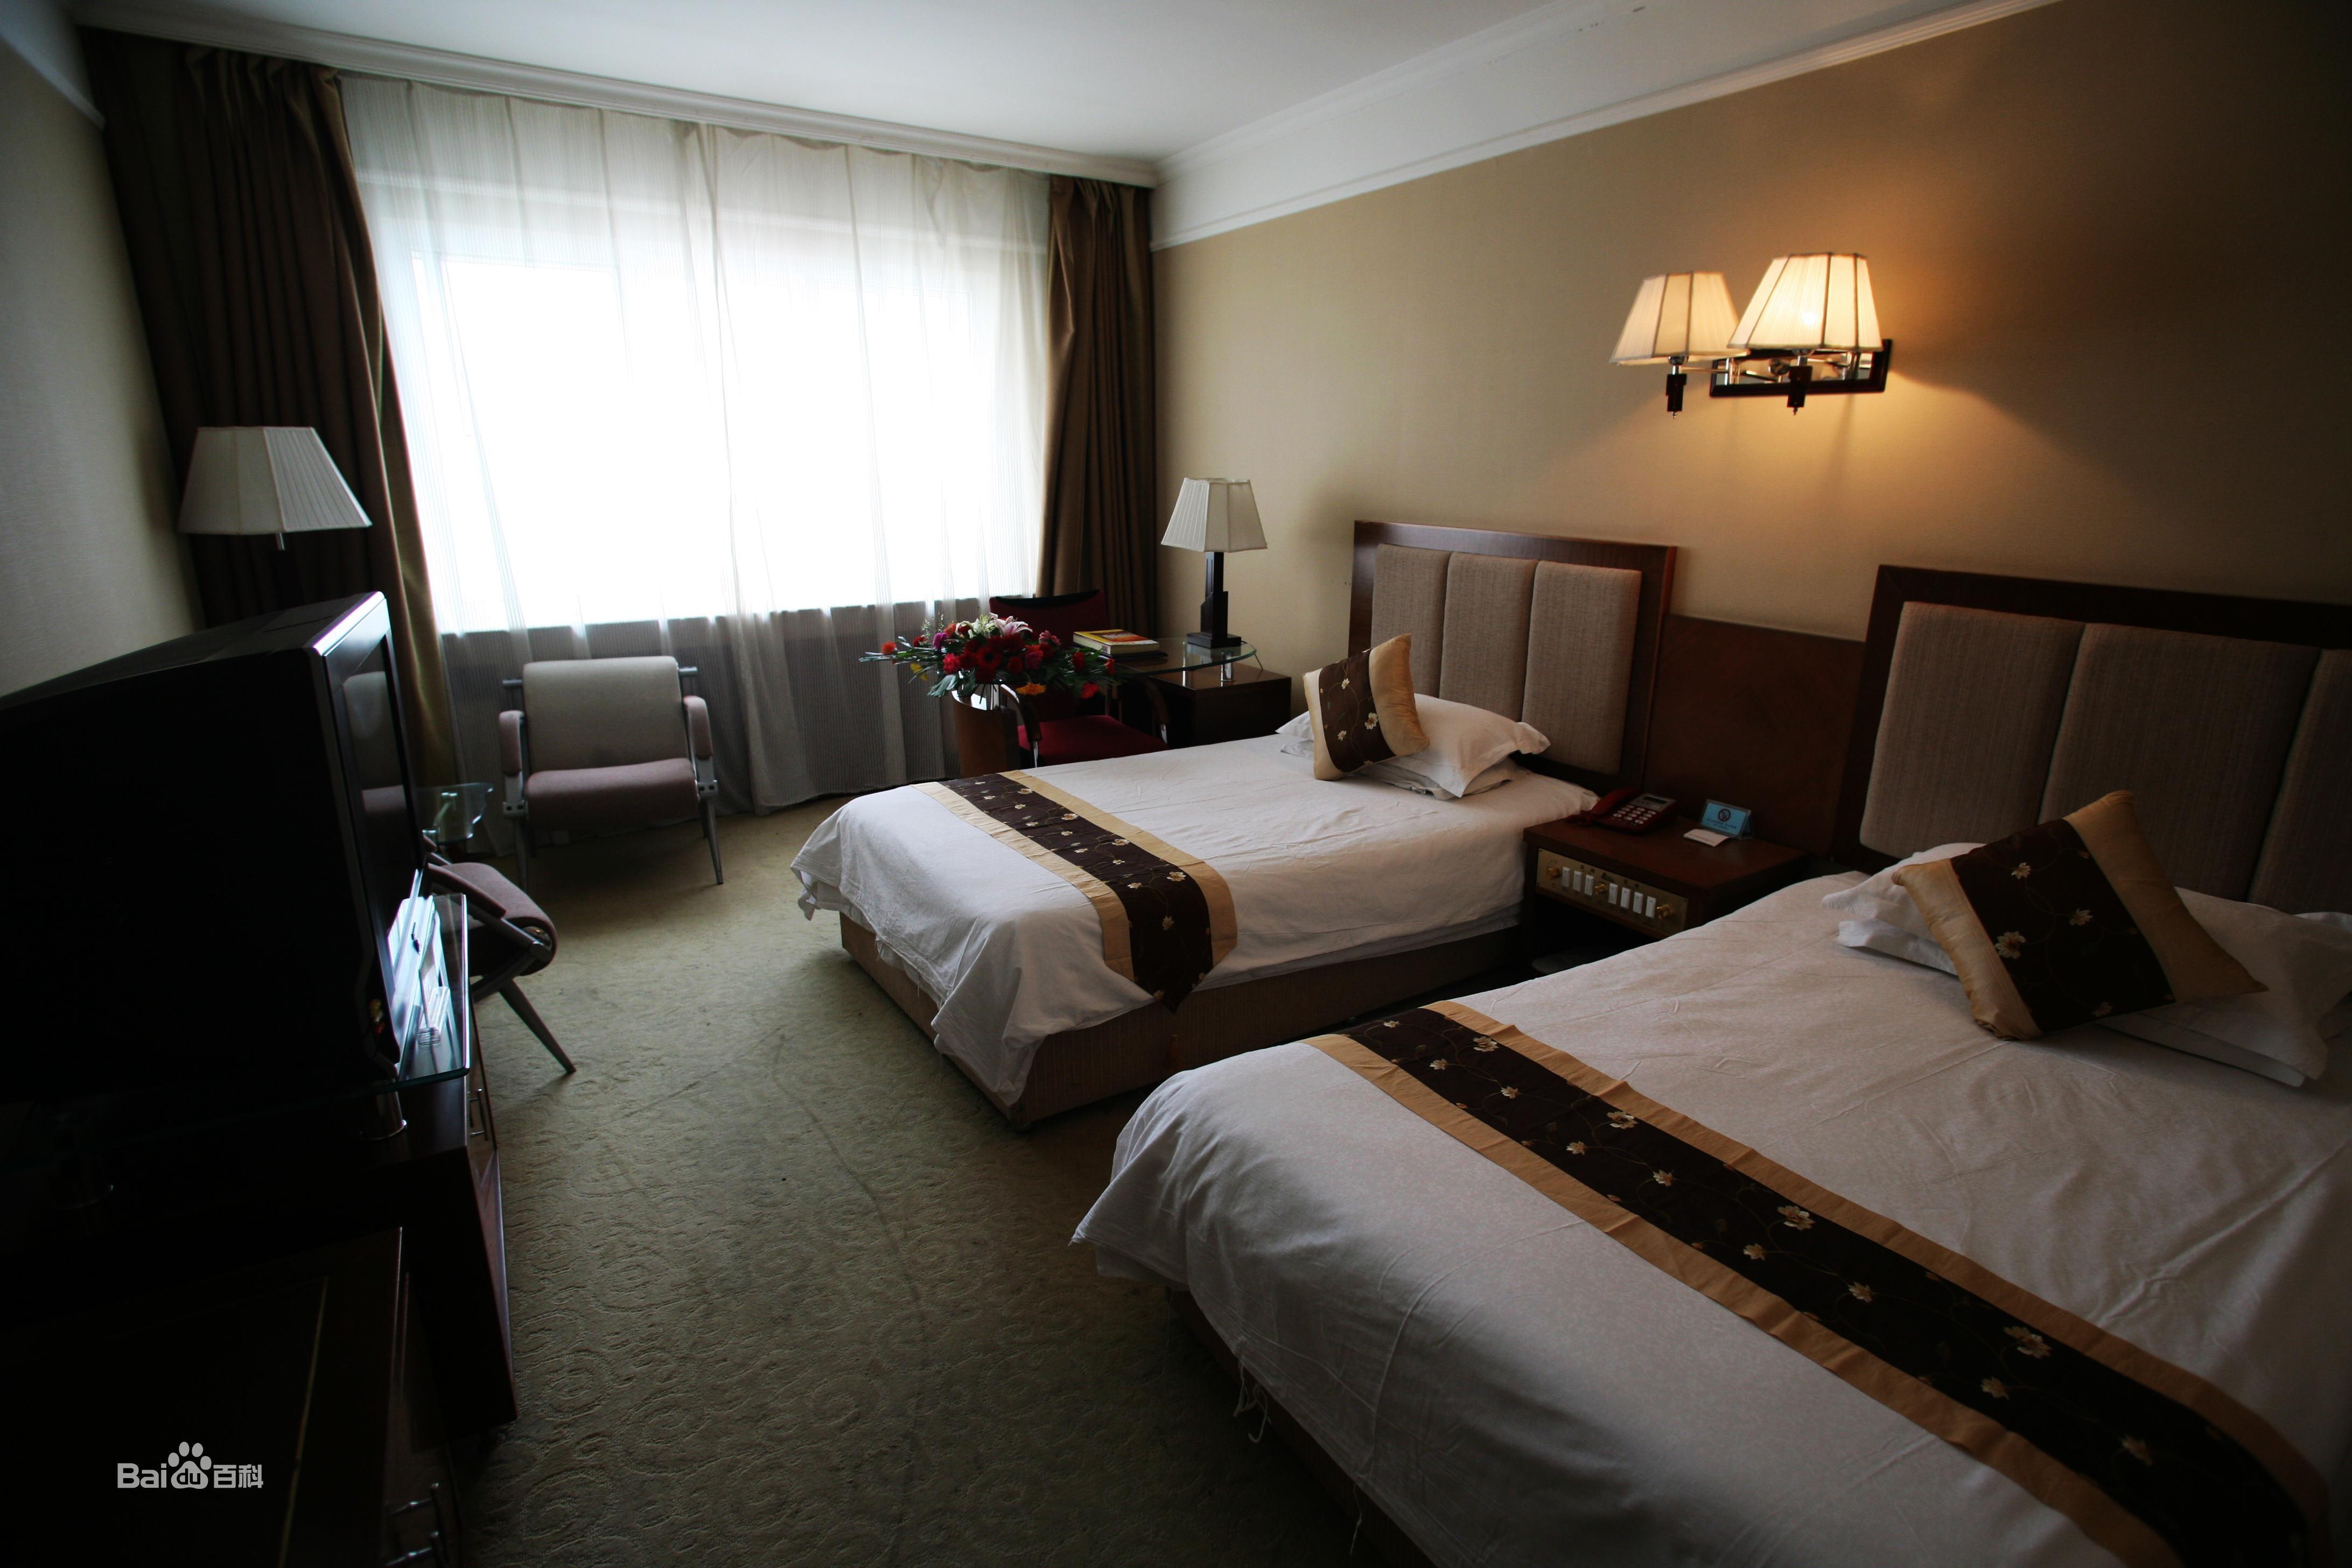 背景墙 房间 家居 酒店 设计 卧室 卧室装修 现代 装修 4368_2912